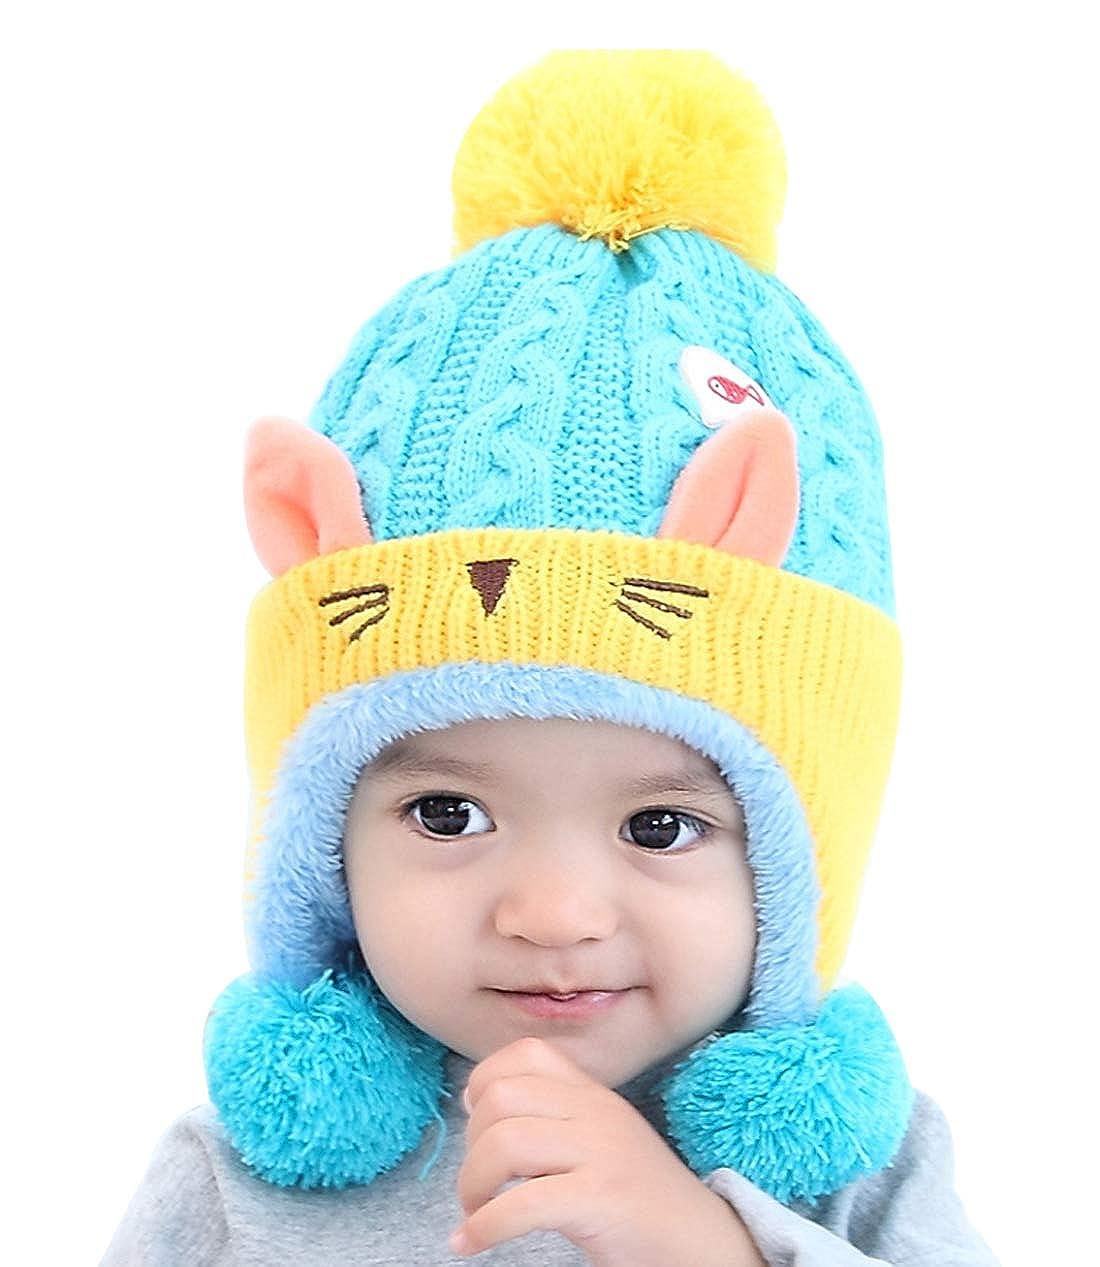 Boys Kids Knit Beanie Hat with Earflap Warm Winter Cap